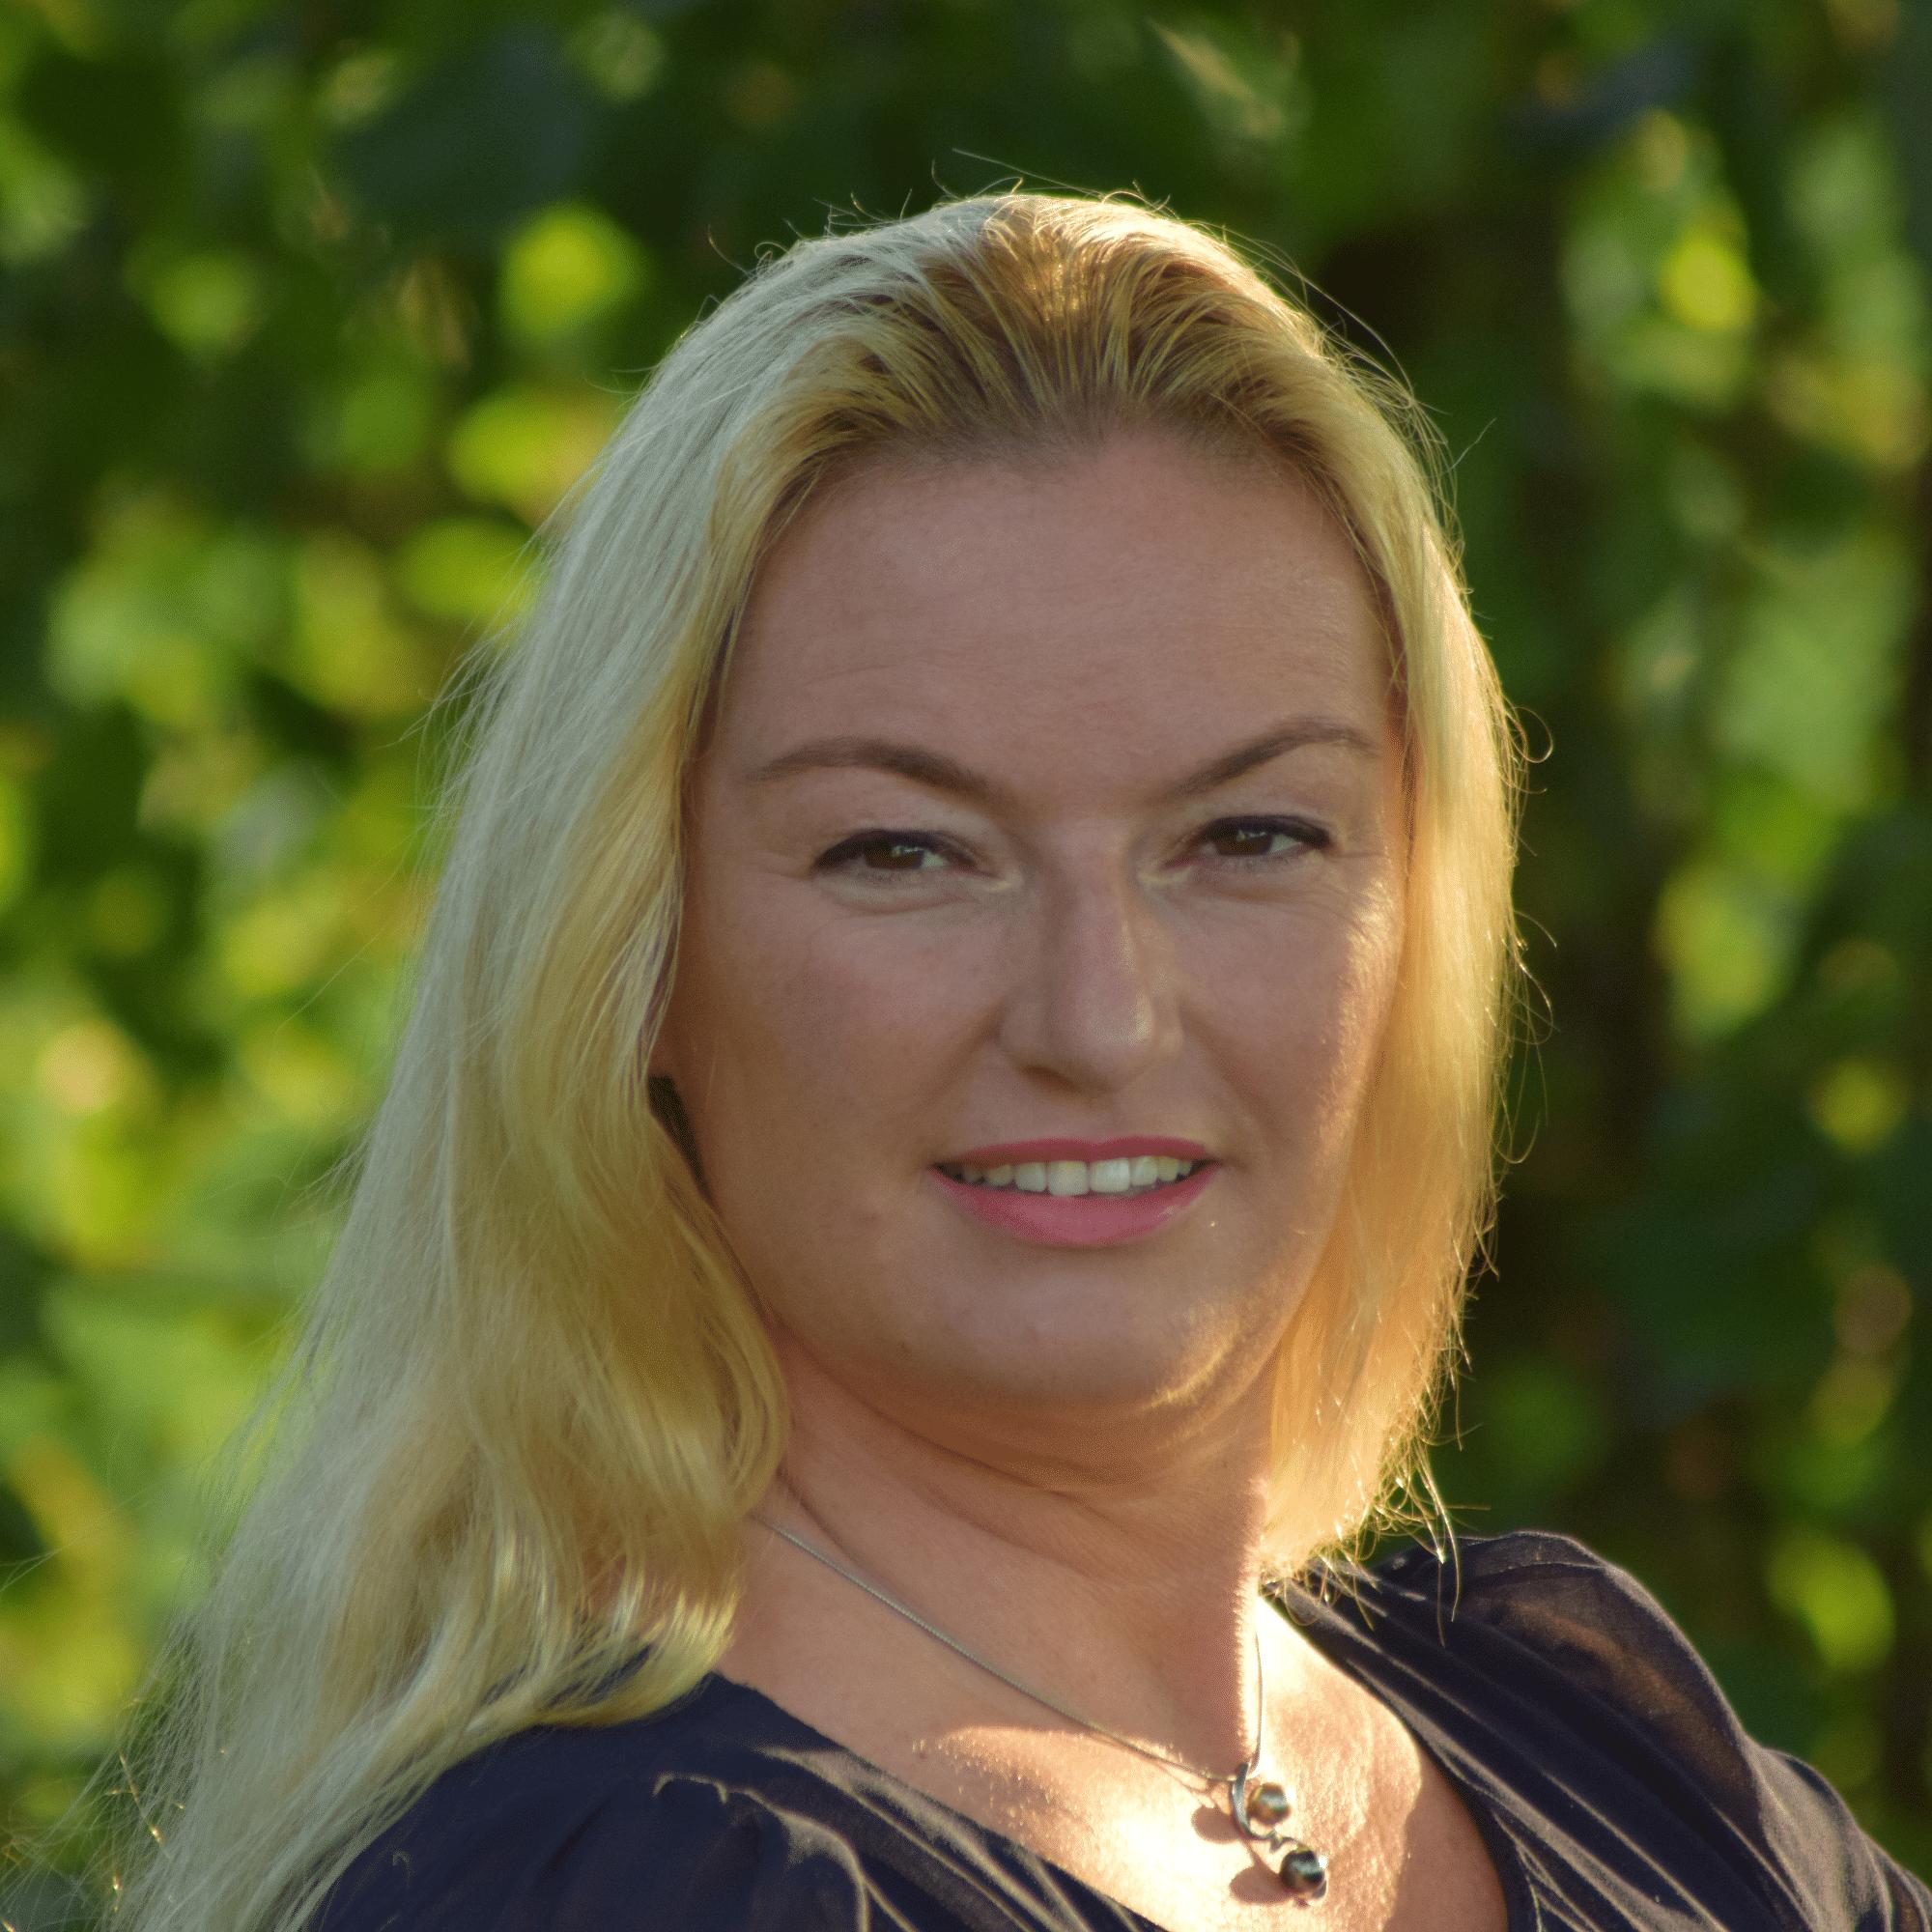 Birgitha Bakker